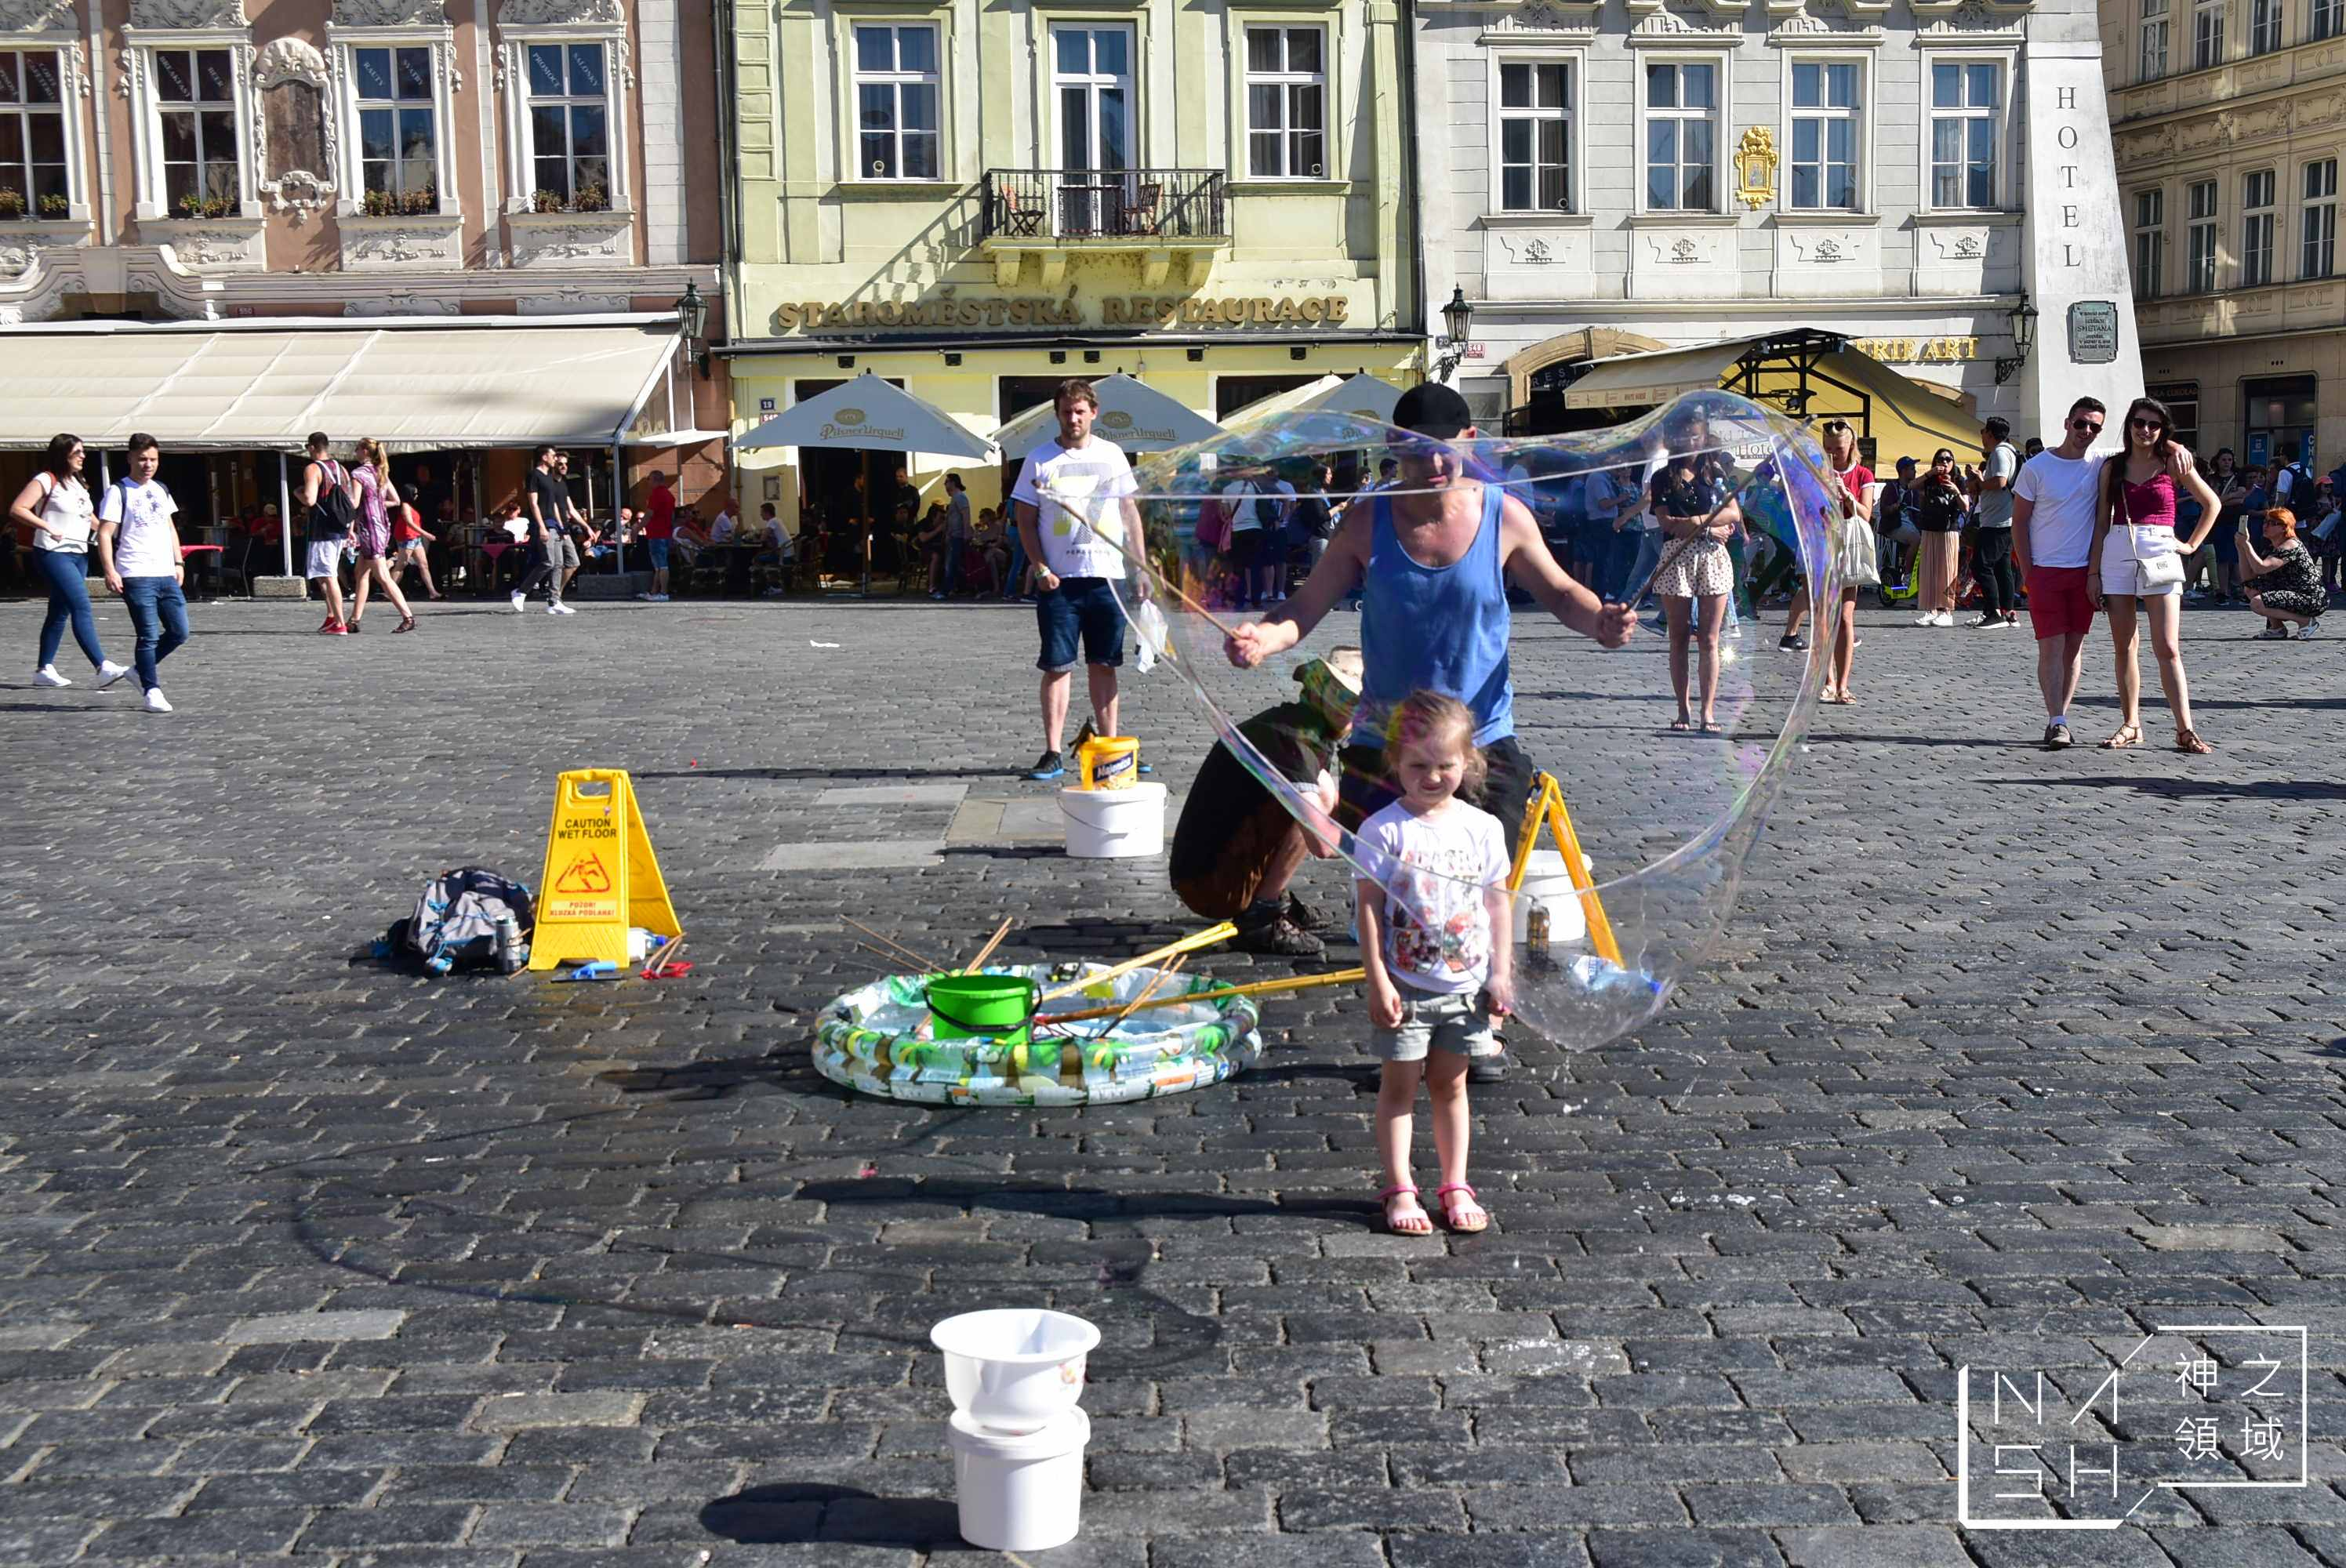 布拉格旅遊景點,布拉格地圖,布拉格一日遊,布拉格必買,布拉格換錢,布拉格,布拉格自由行,布拉格旅遊